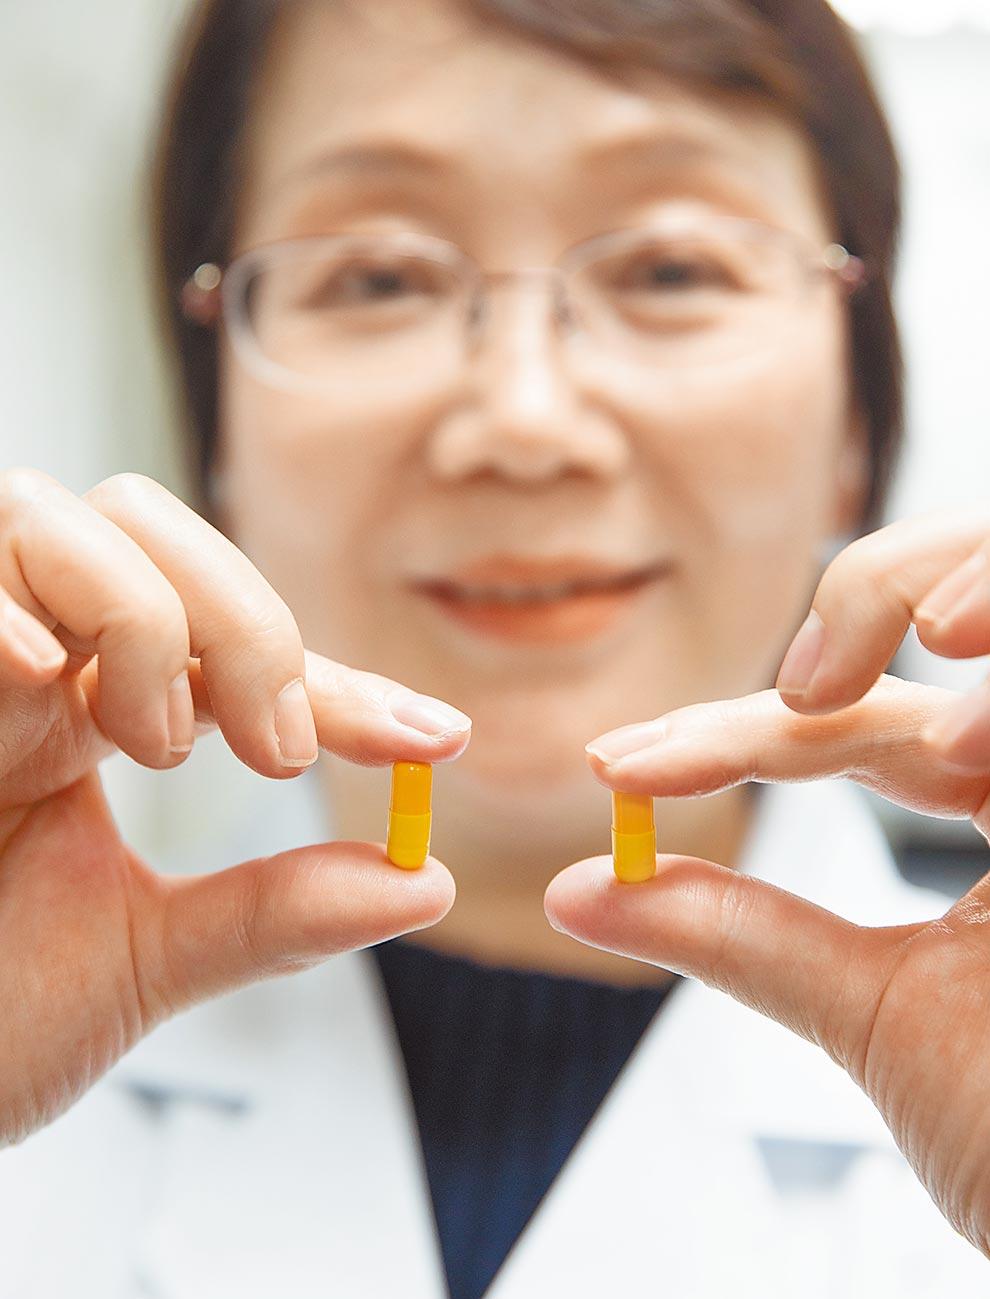 新藥發明人展示新藥樣品模型。(新華社)